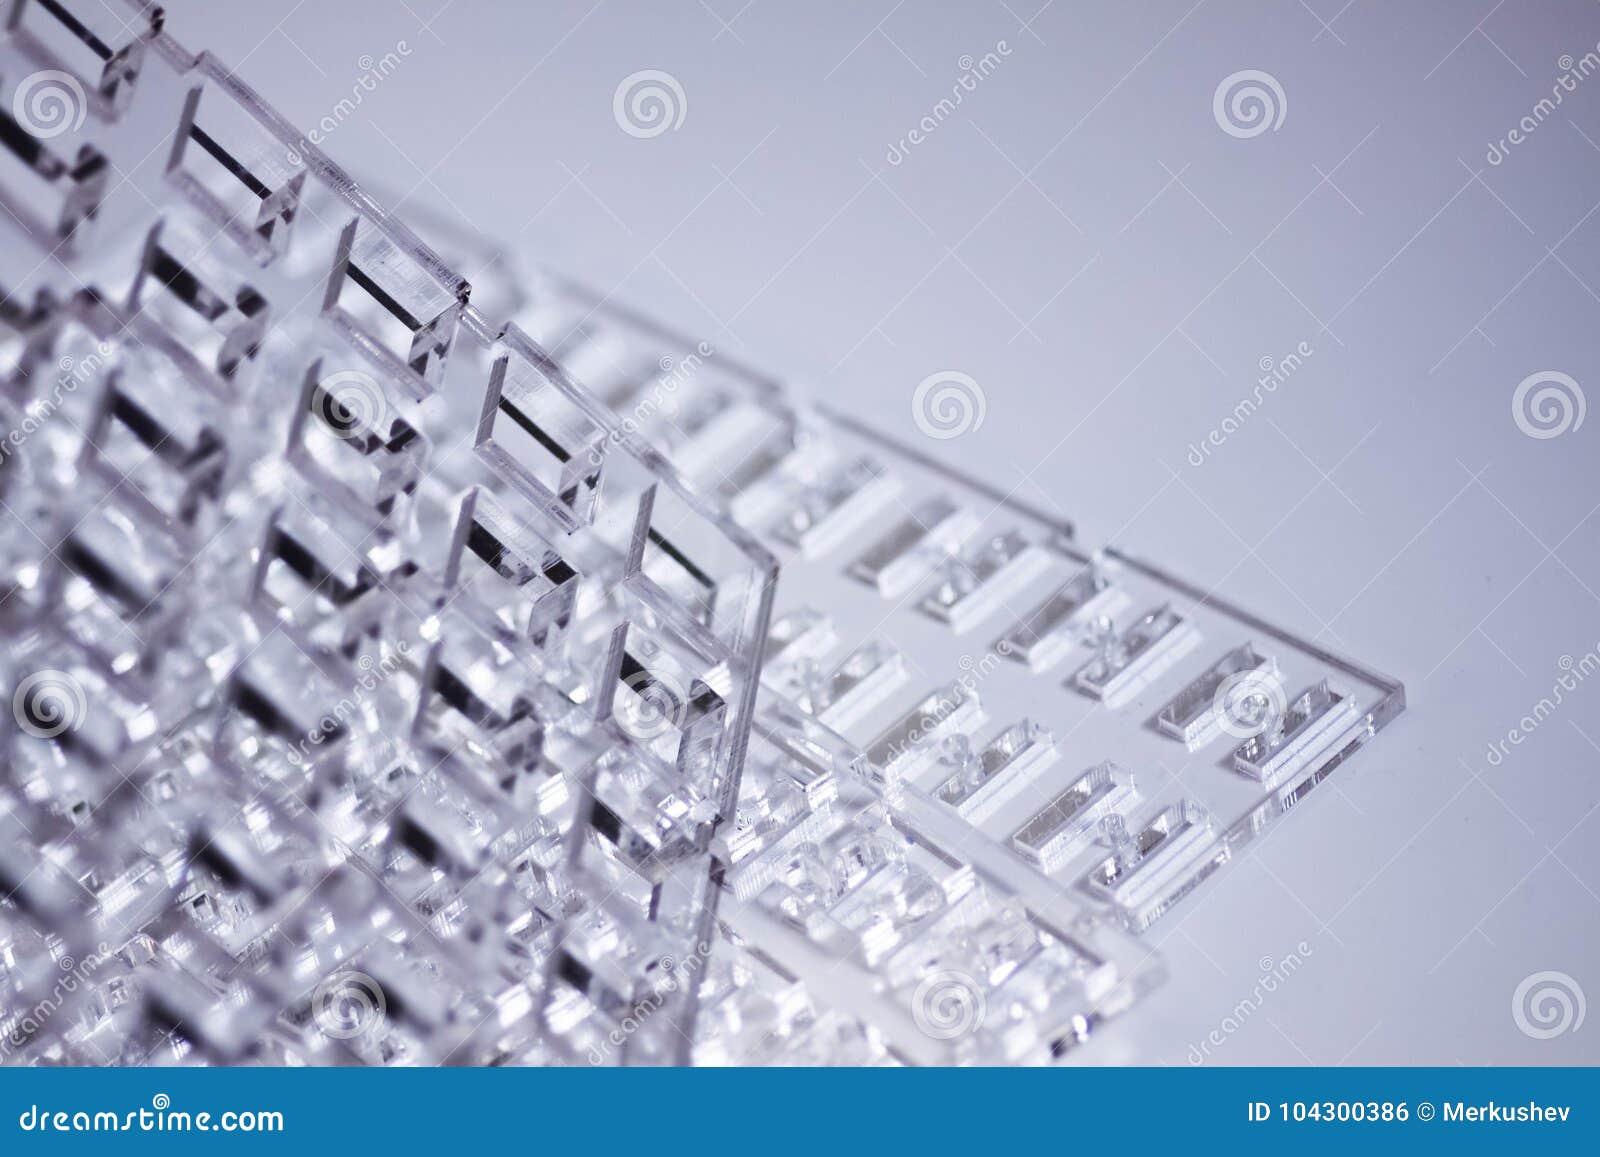 Fond de pointe abstrait Une feuille de plastique ou de verre transparent avec les trous coupés Coupe de laser de